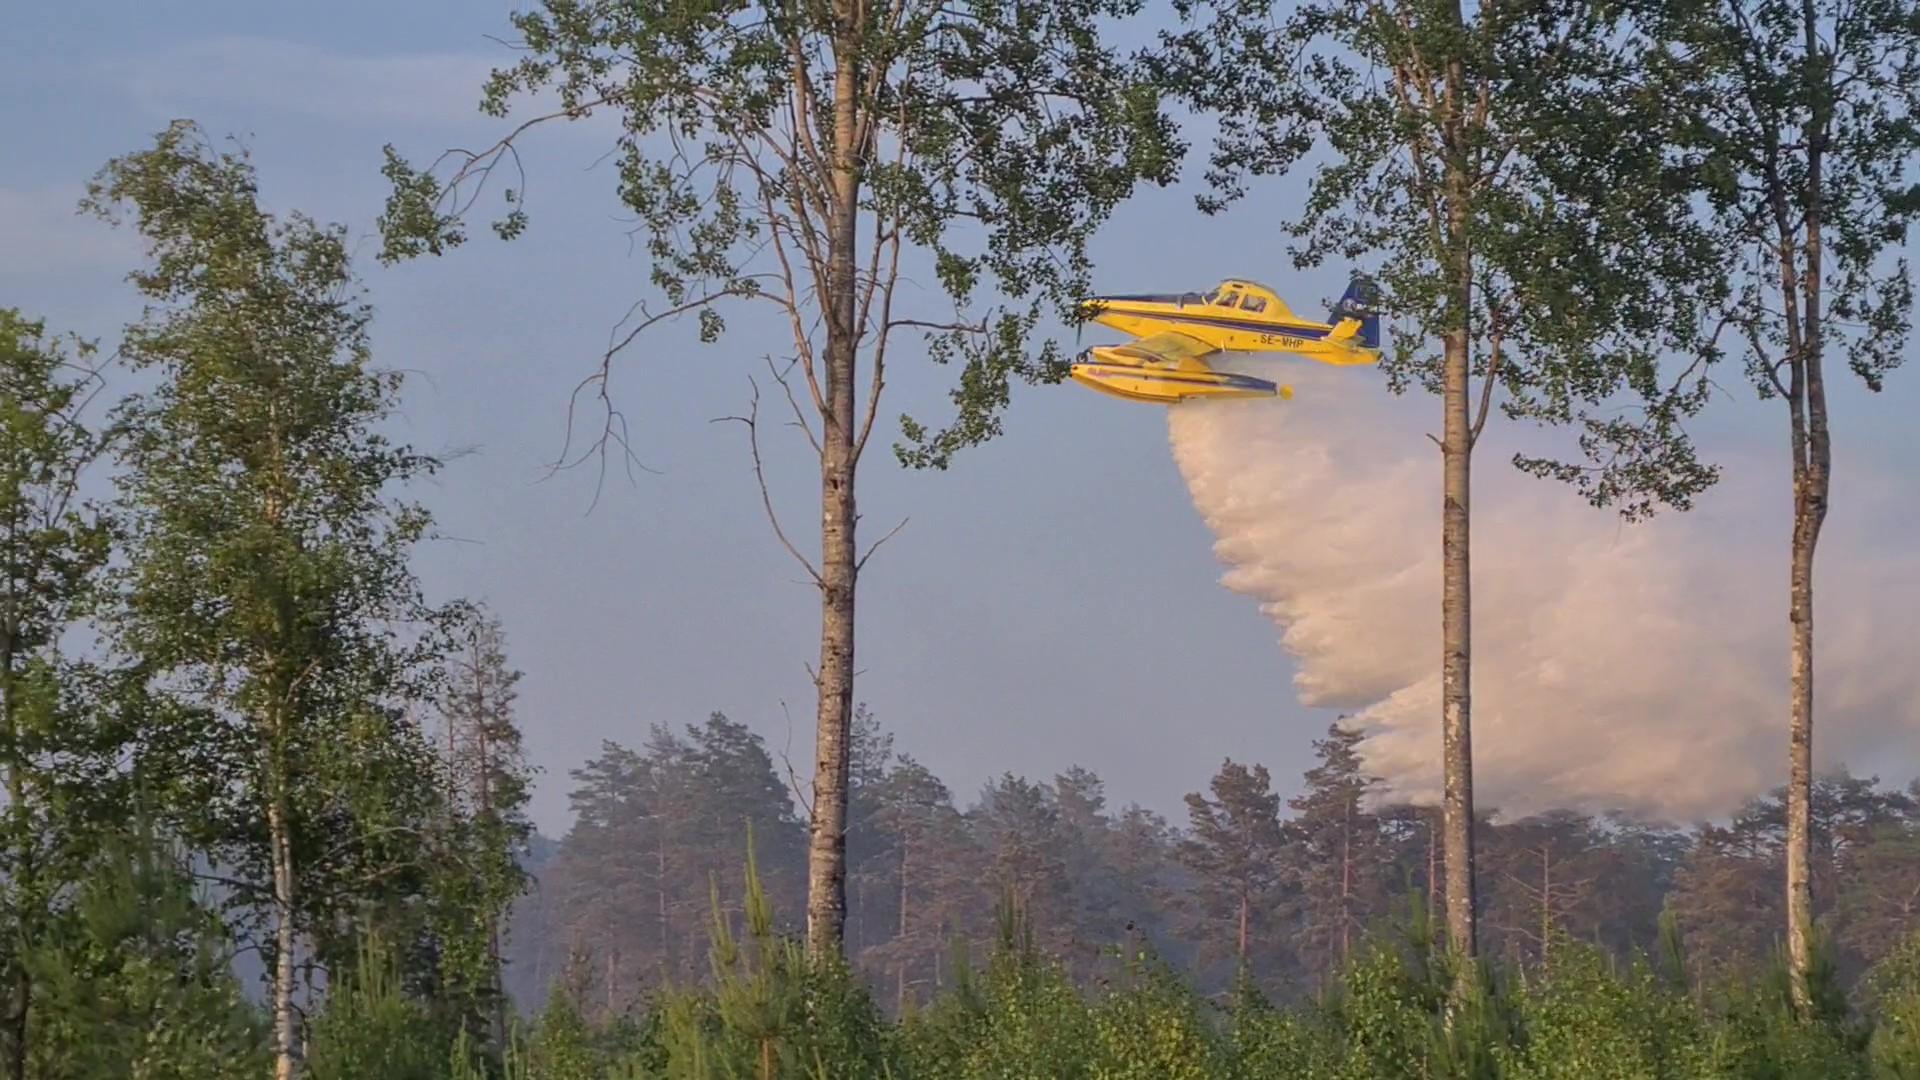 Flygplan som vattenbombar.jpg